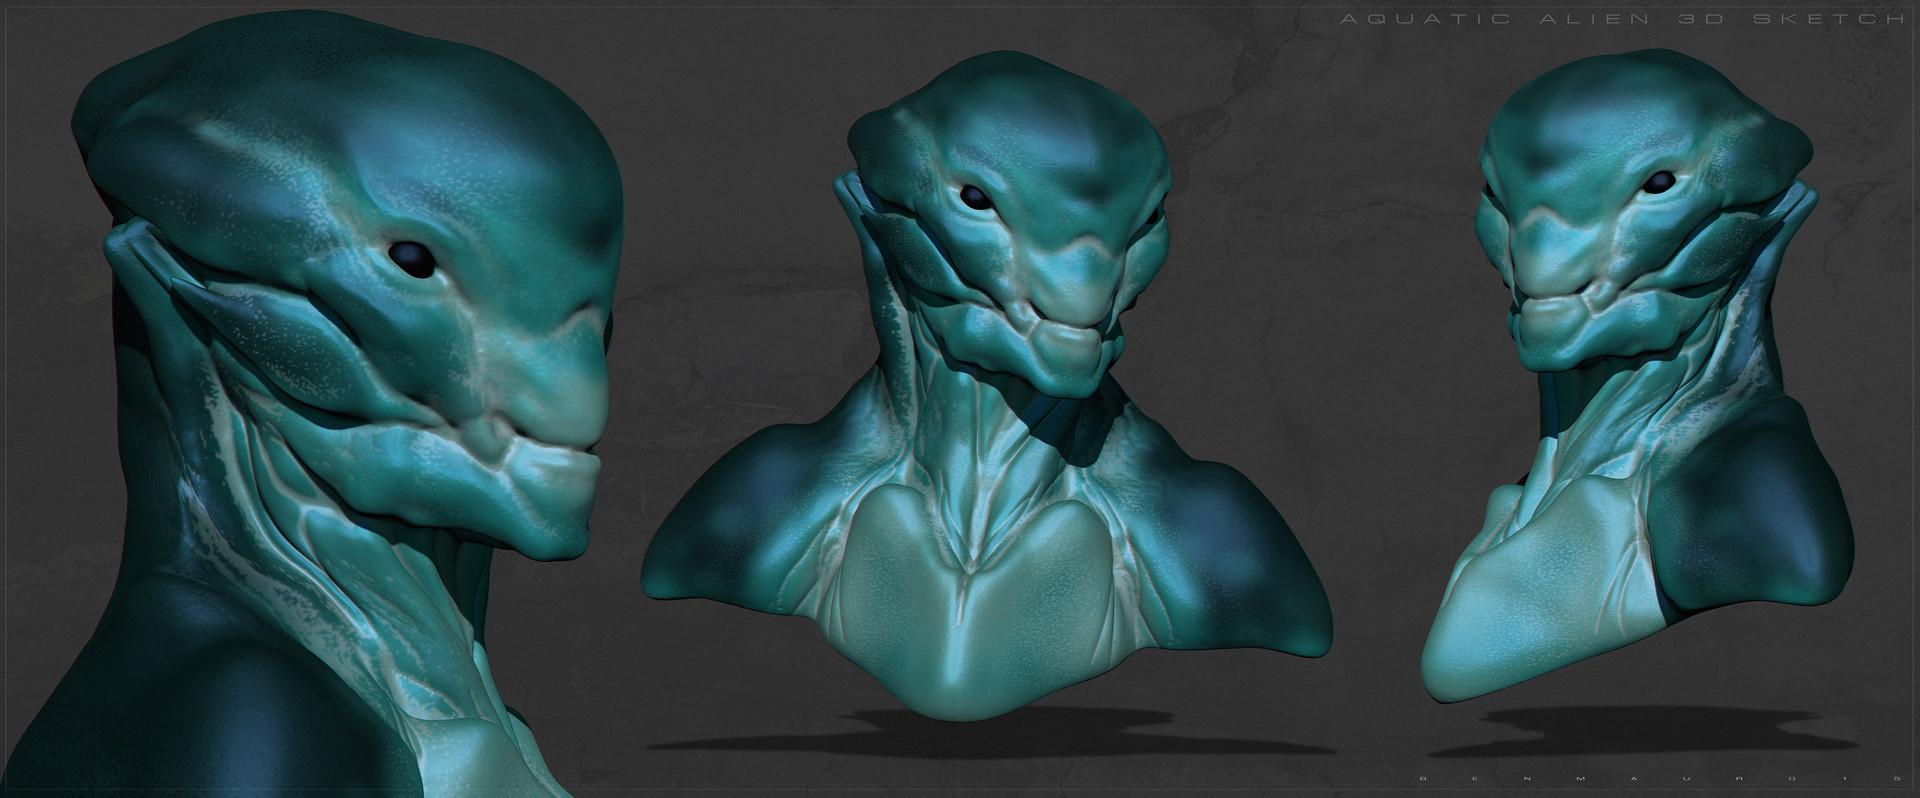 ben-mauro-aquatic-alien-3dsketch-bm.jpg